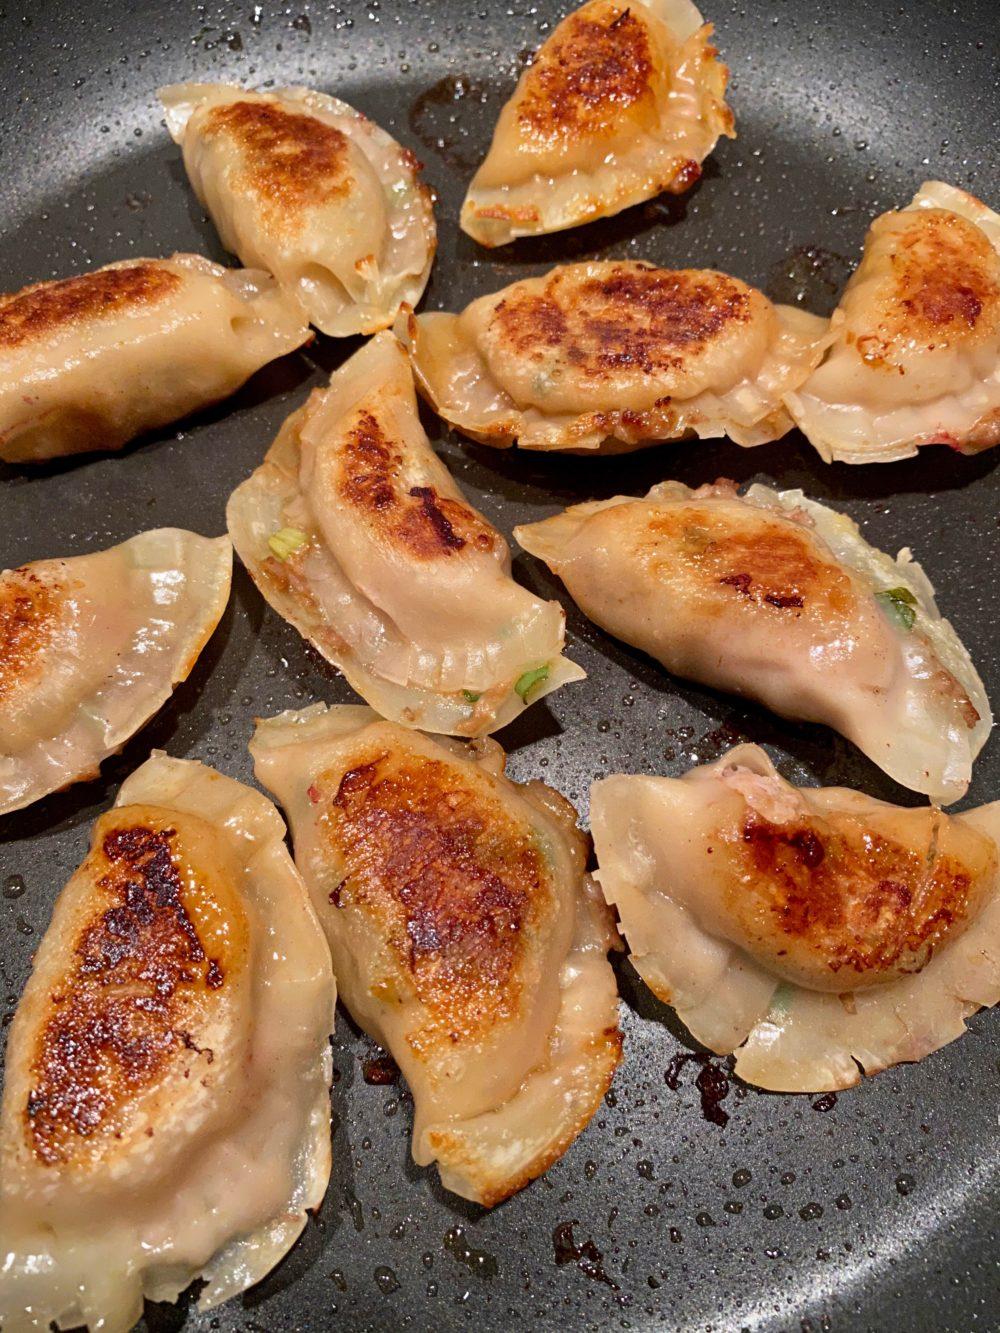 La cuisson des dumplings à la poêle